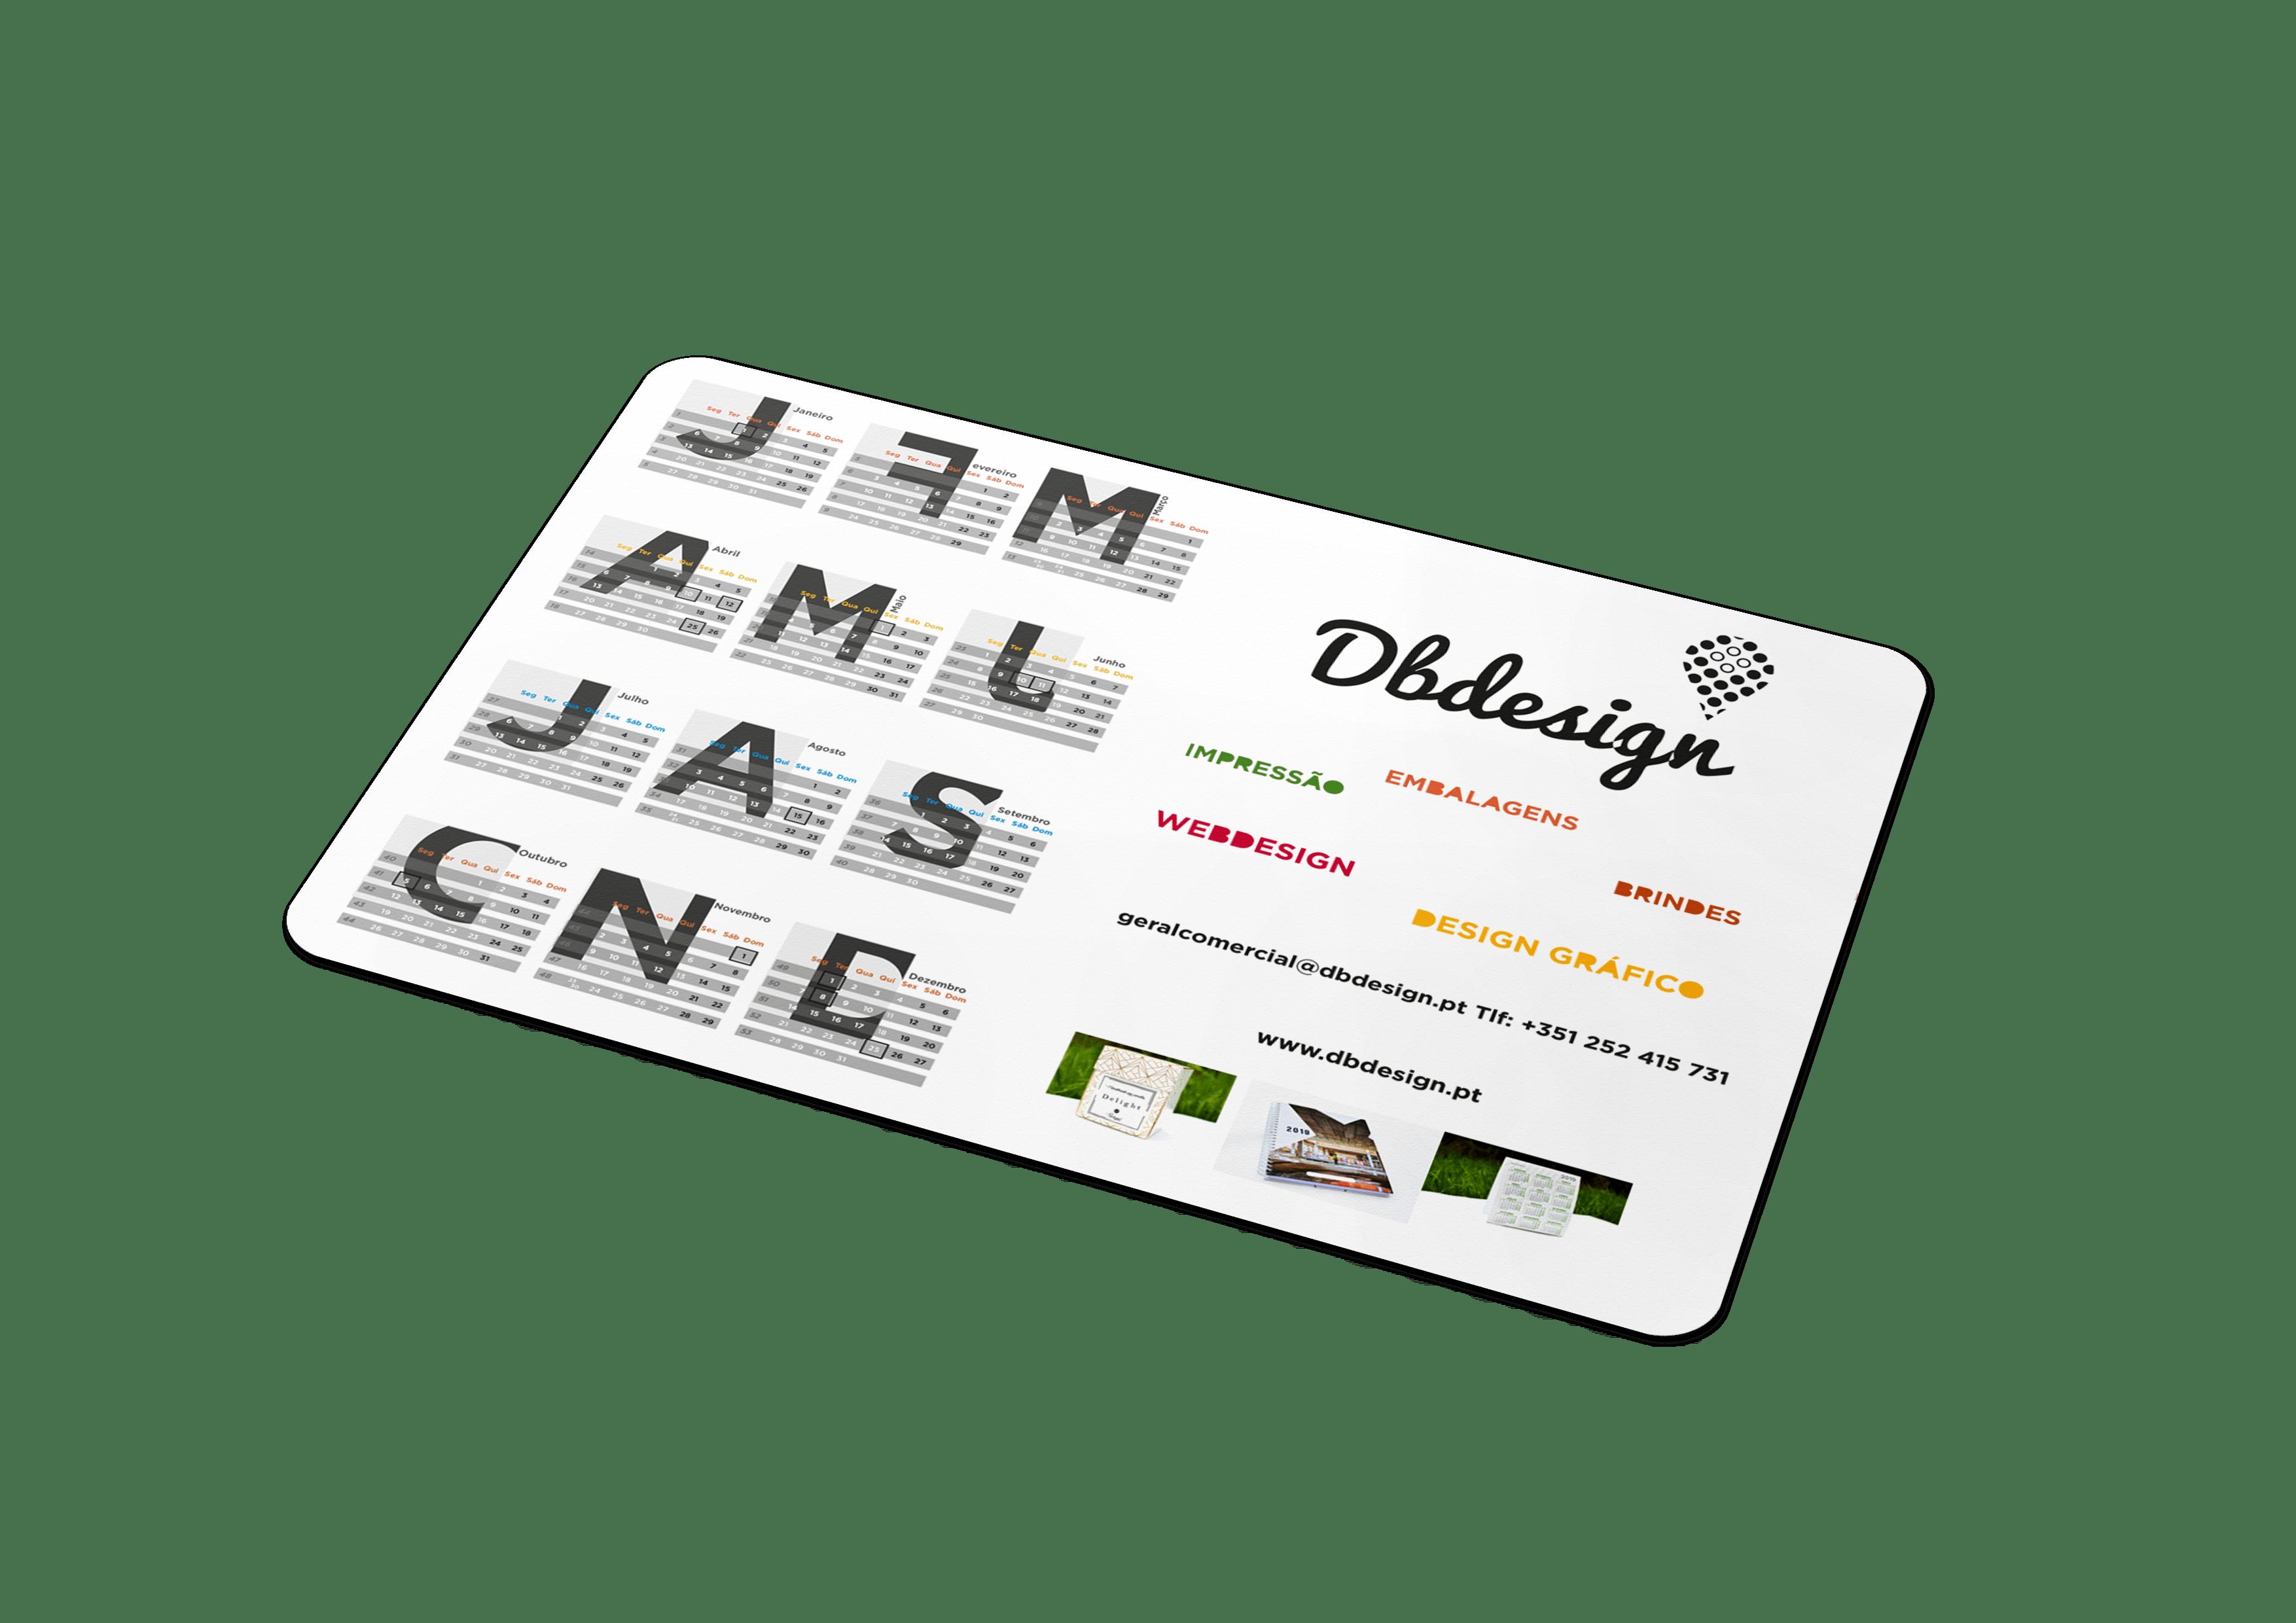 calendario base rato dbdesign